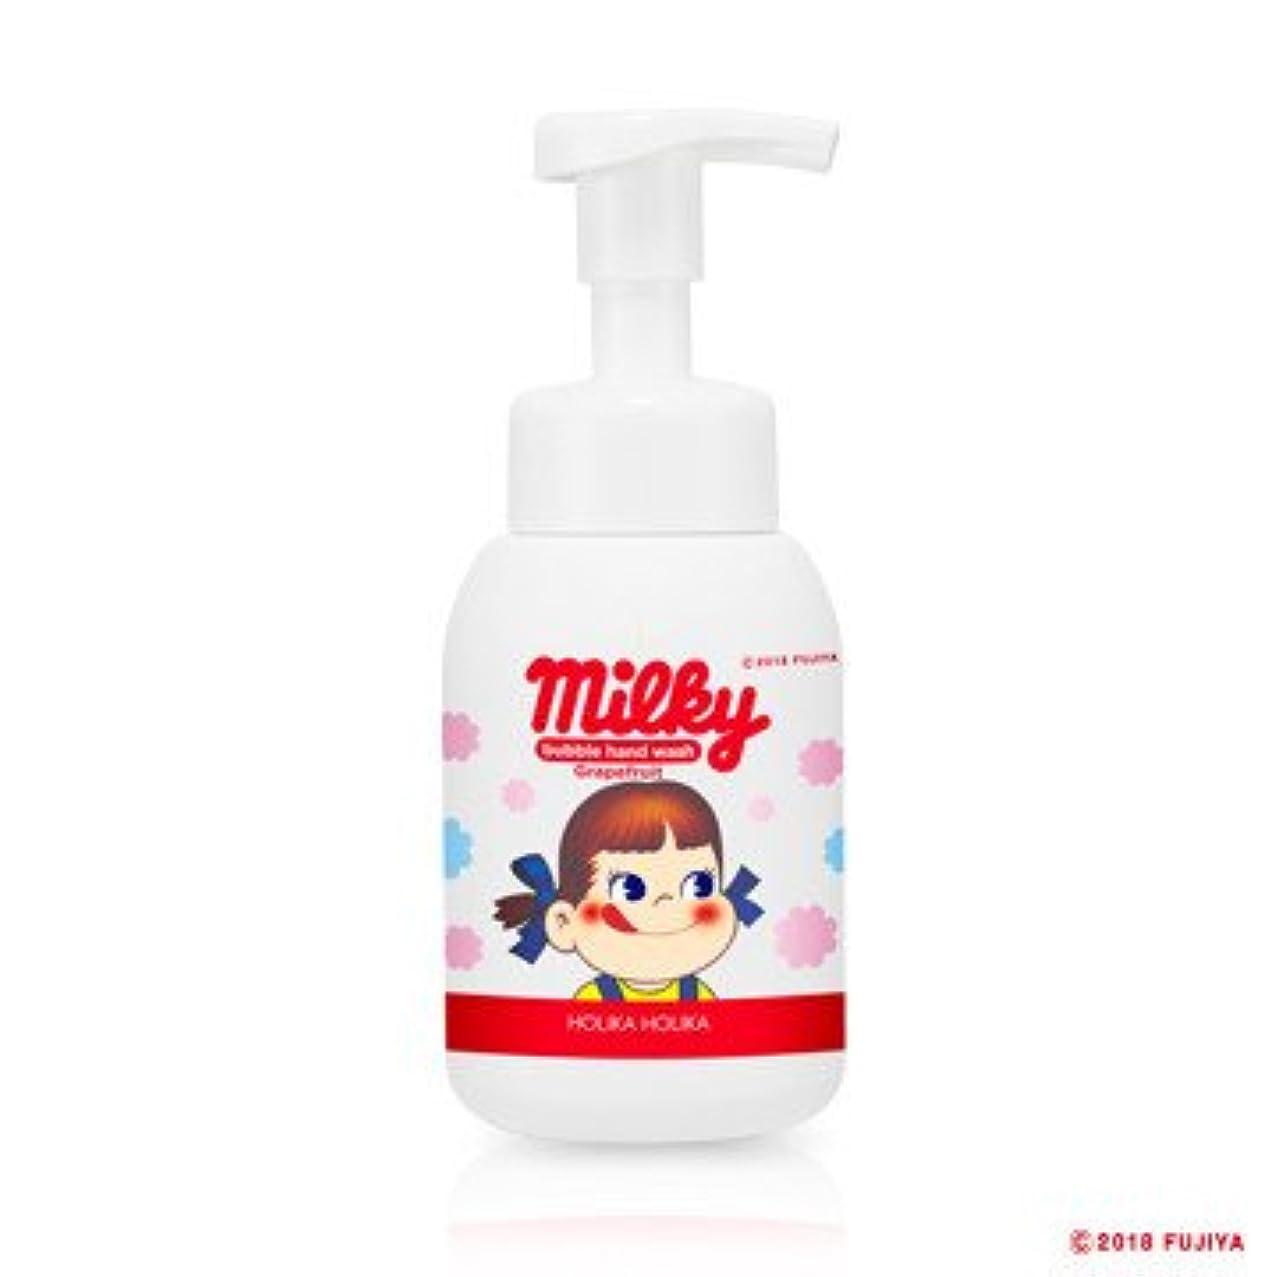 消毒剤日付付き動員するHolika Holika [Sweet Peko Edition] Bubble Hand Wash/ホリカホリカ [スイートペコエディション] バブルハンドウォッシュ 250ml [並行輸入品]